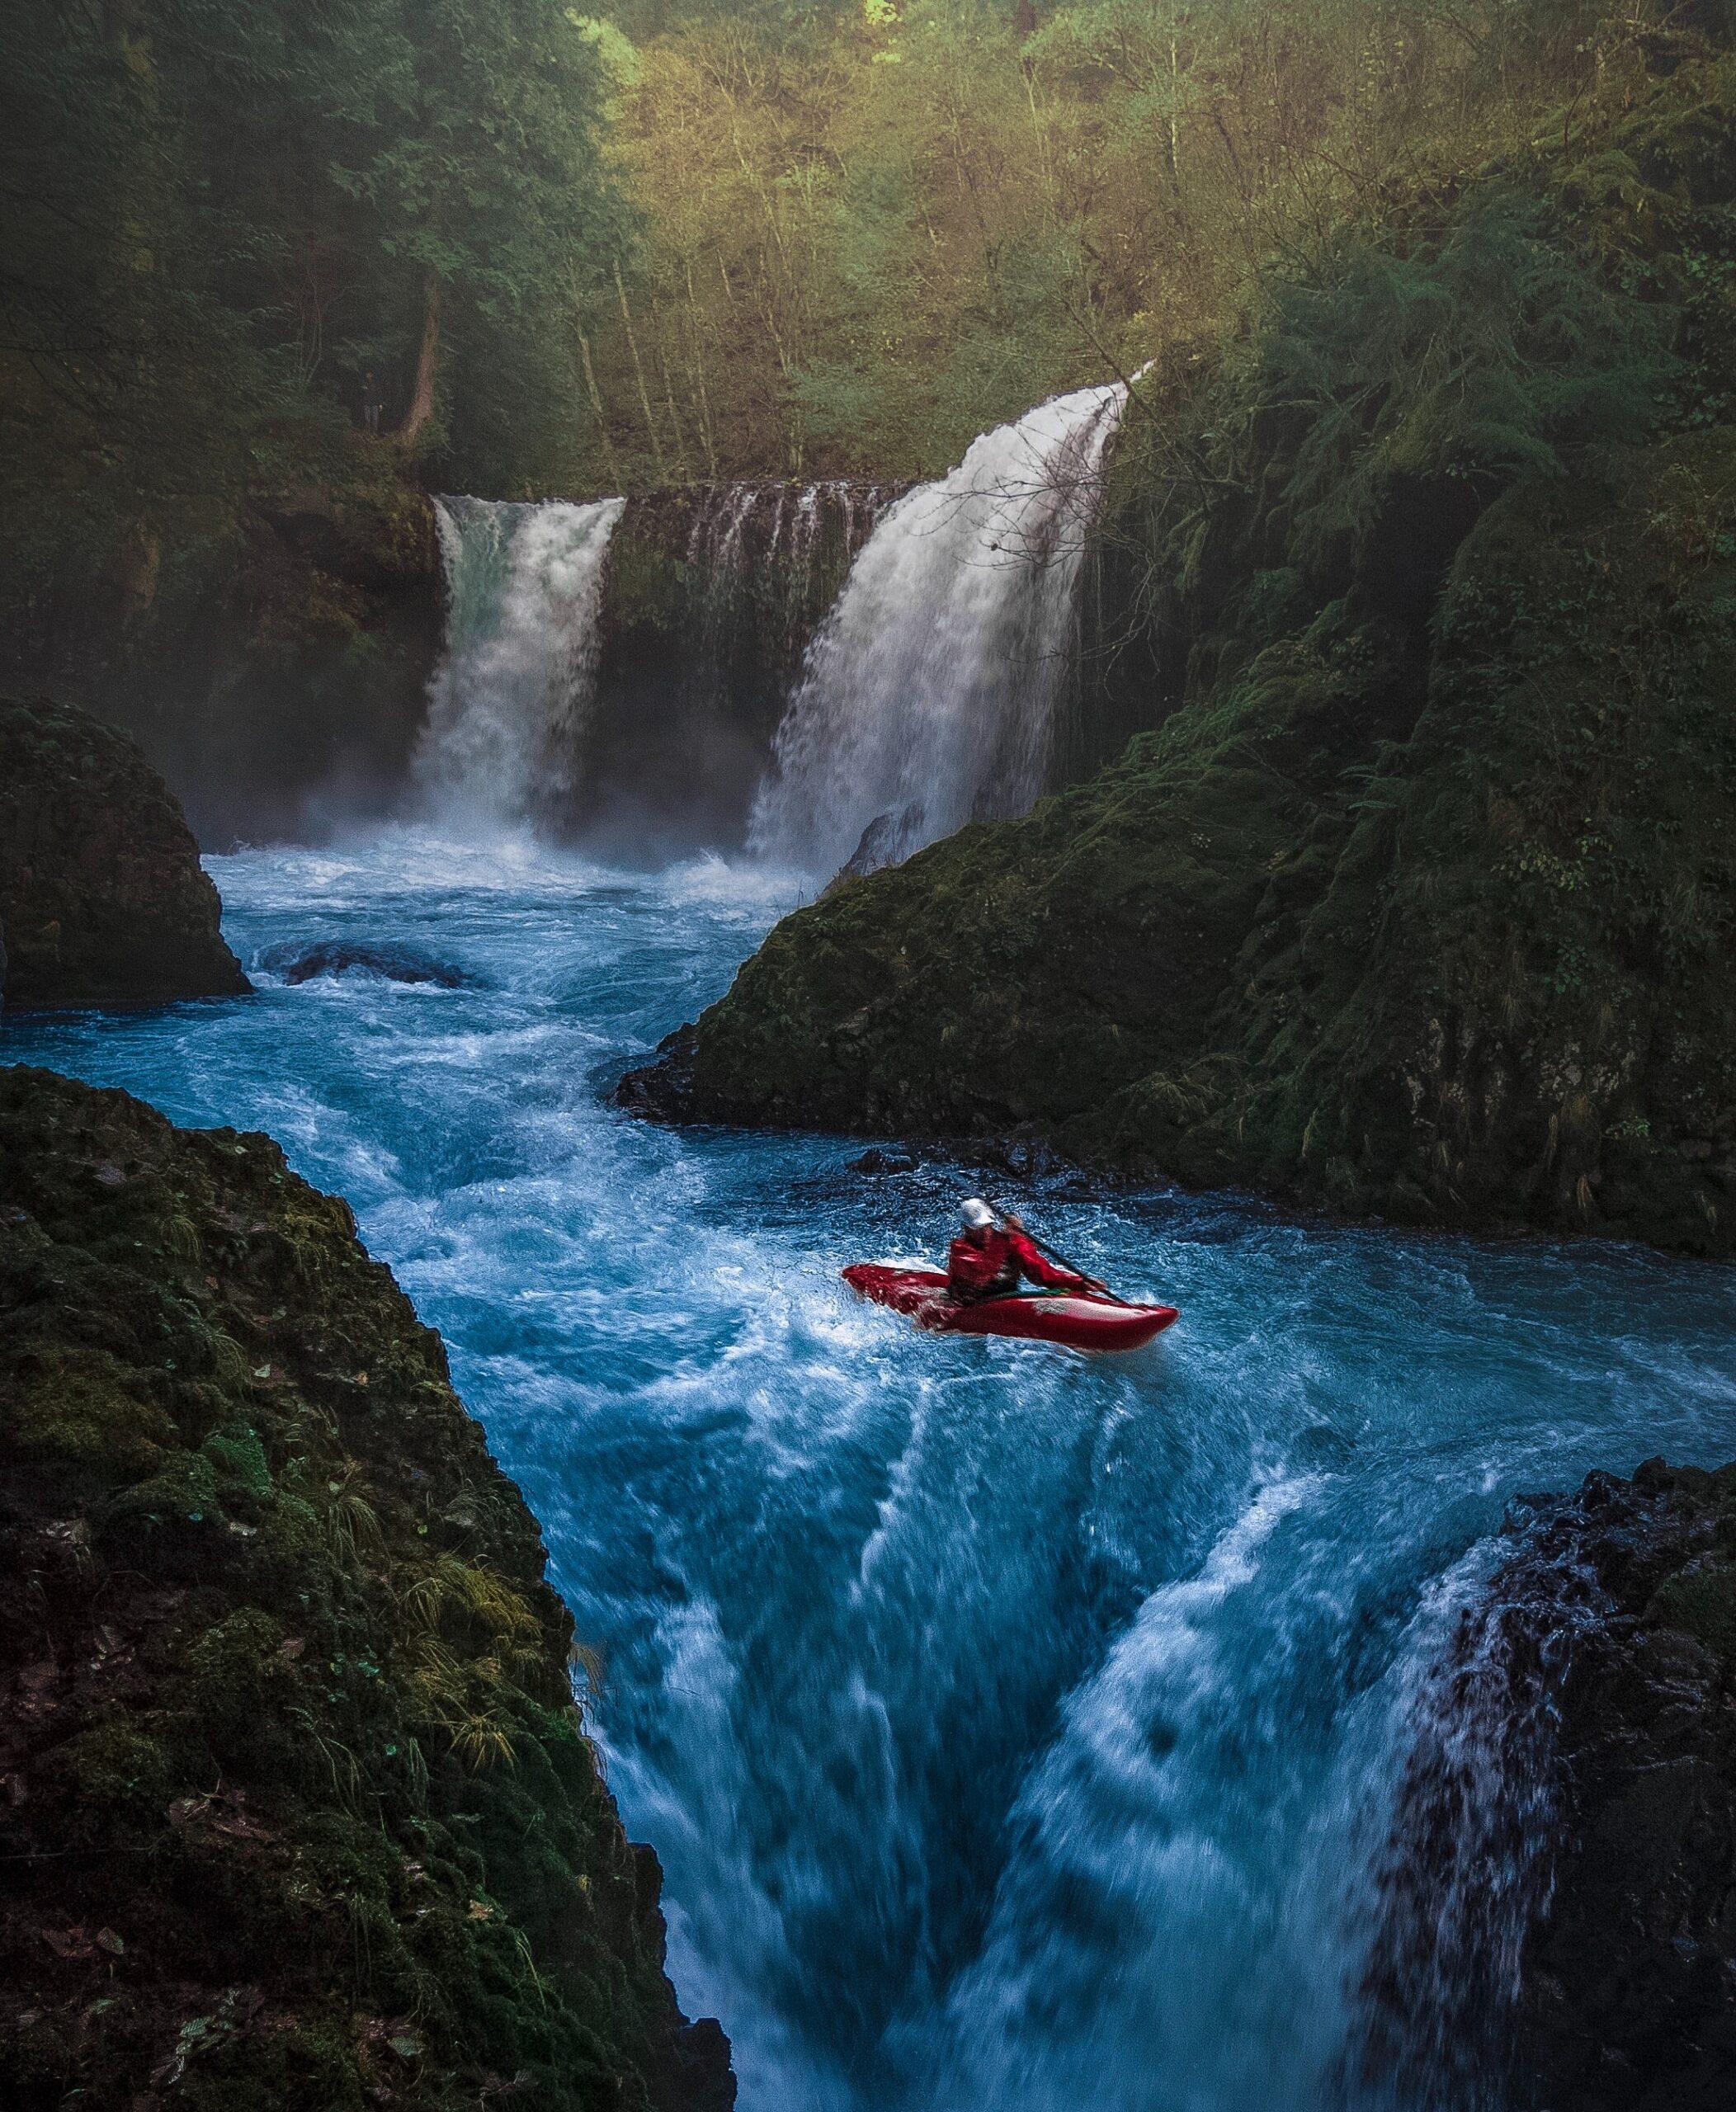 Homme qui descend seul des rapides en canoë